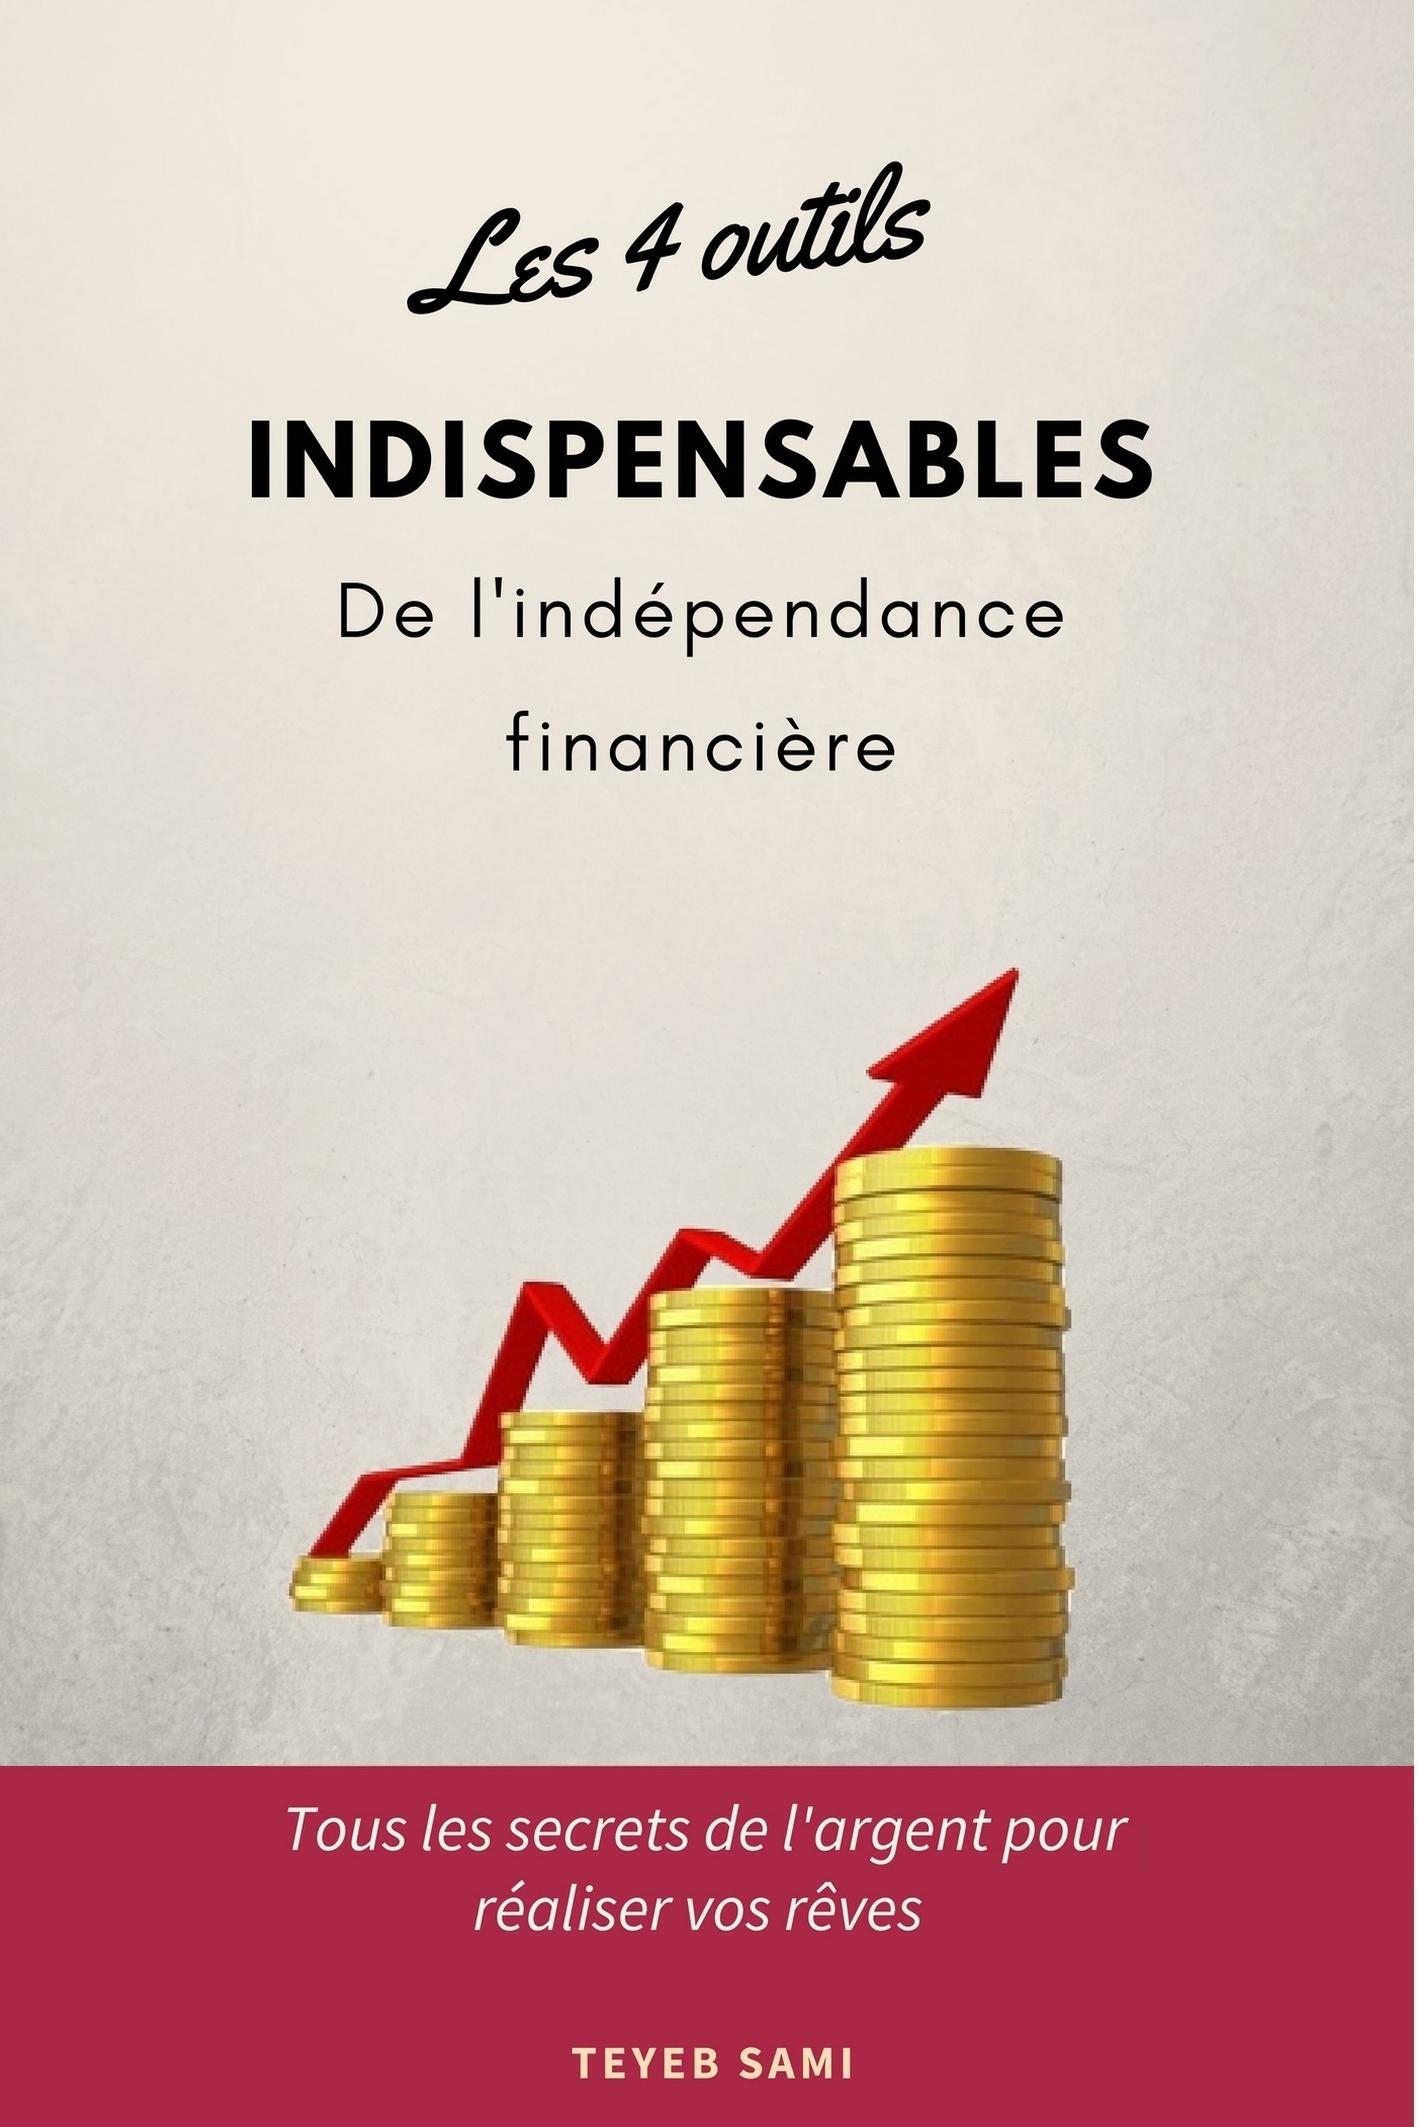 4 outils de l'indépendance financière